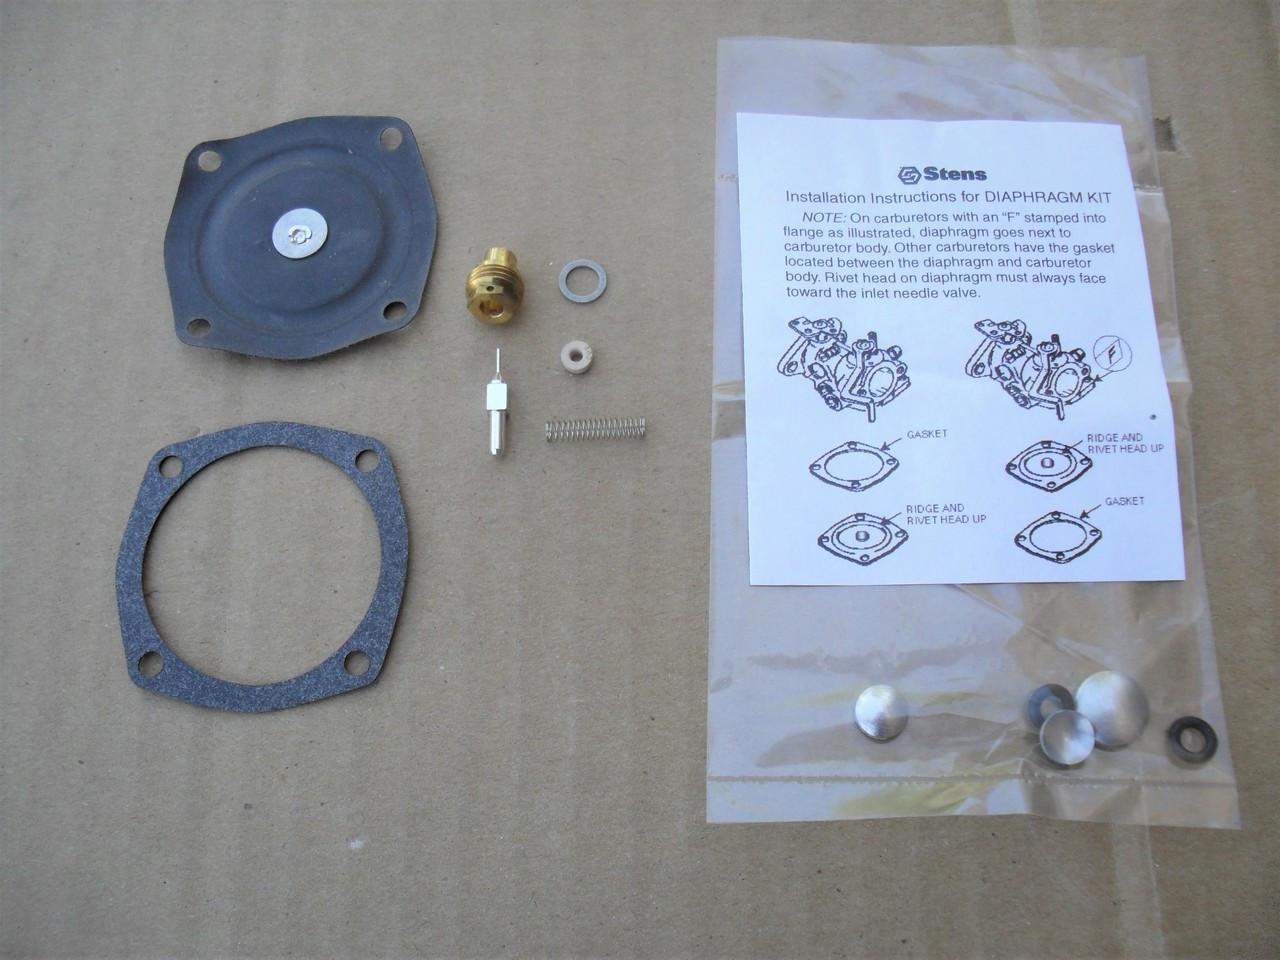 Carburetor Diaphragm Rebuild Kit for Tecumseh AH600, AV520, AV600, H22 to  H35, HS40, LAV30, LAV40, TVS600, TVS1400, TVS1500, 630752, 630759, 630823,